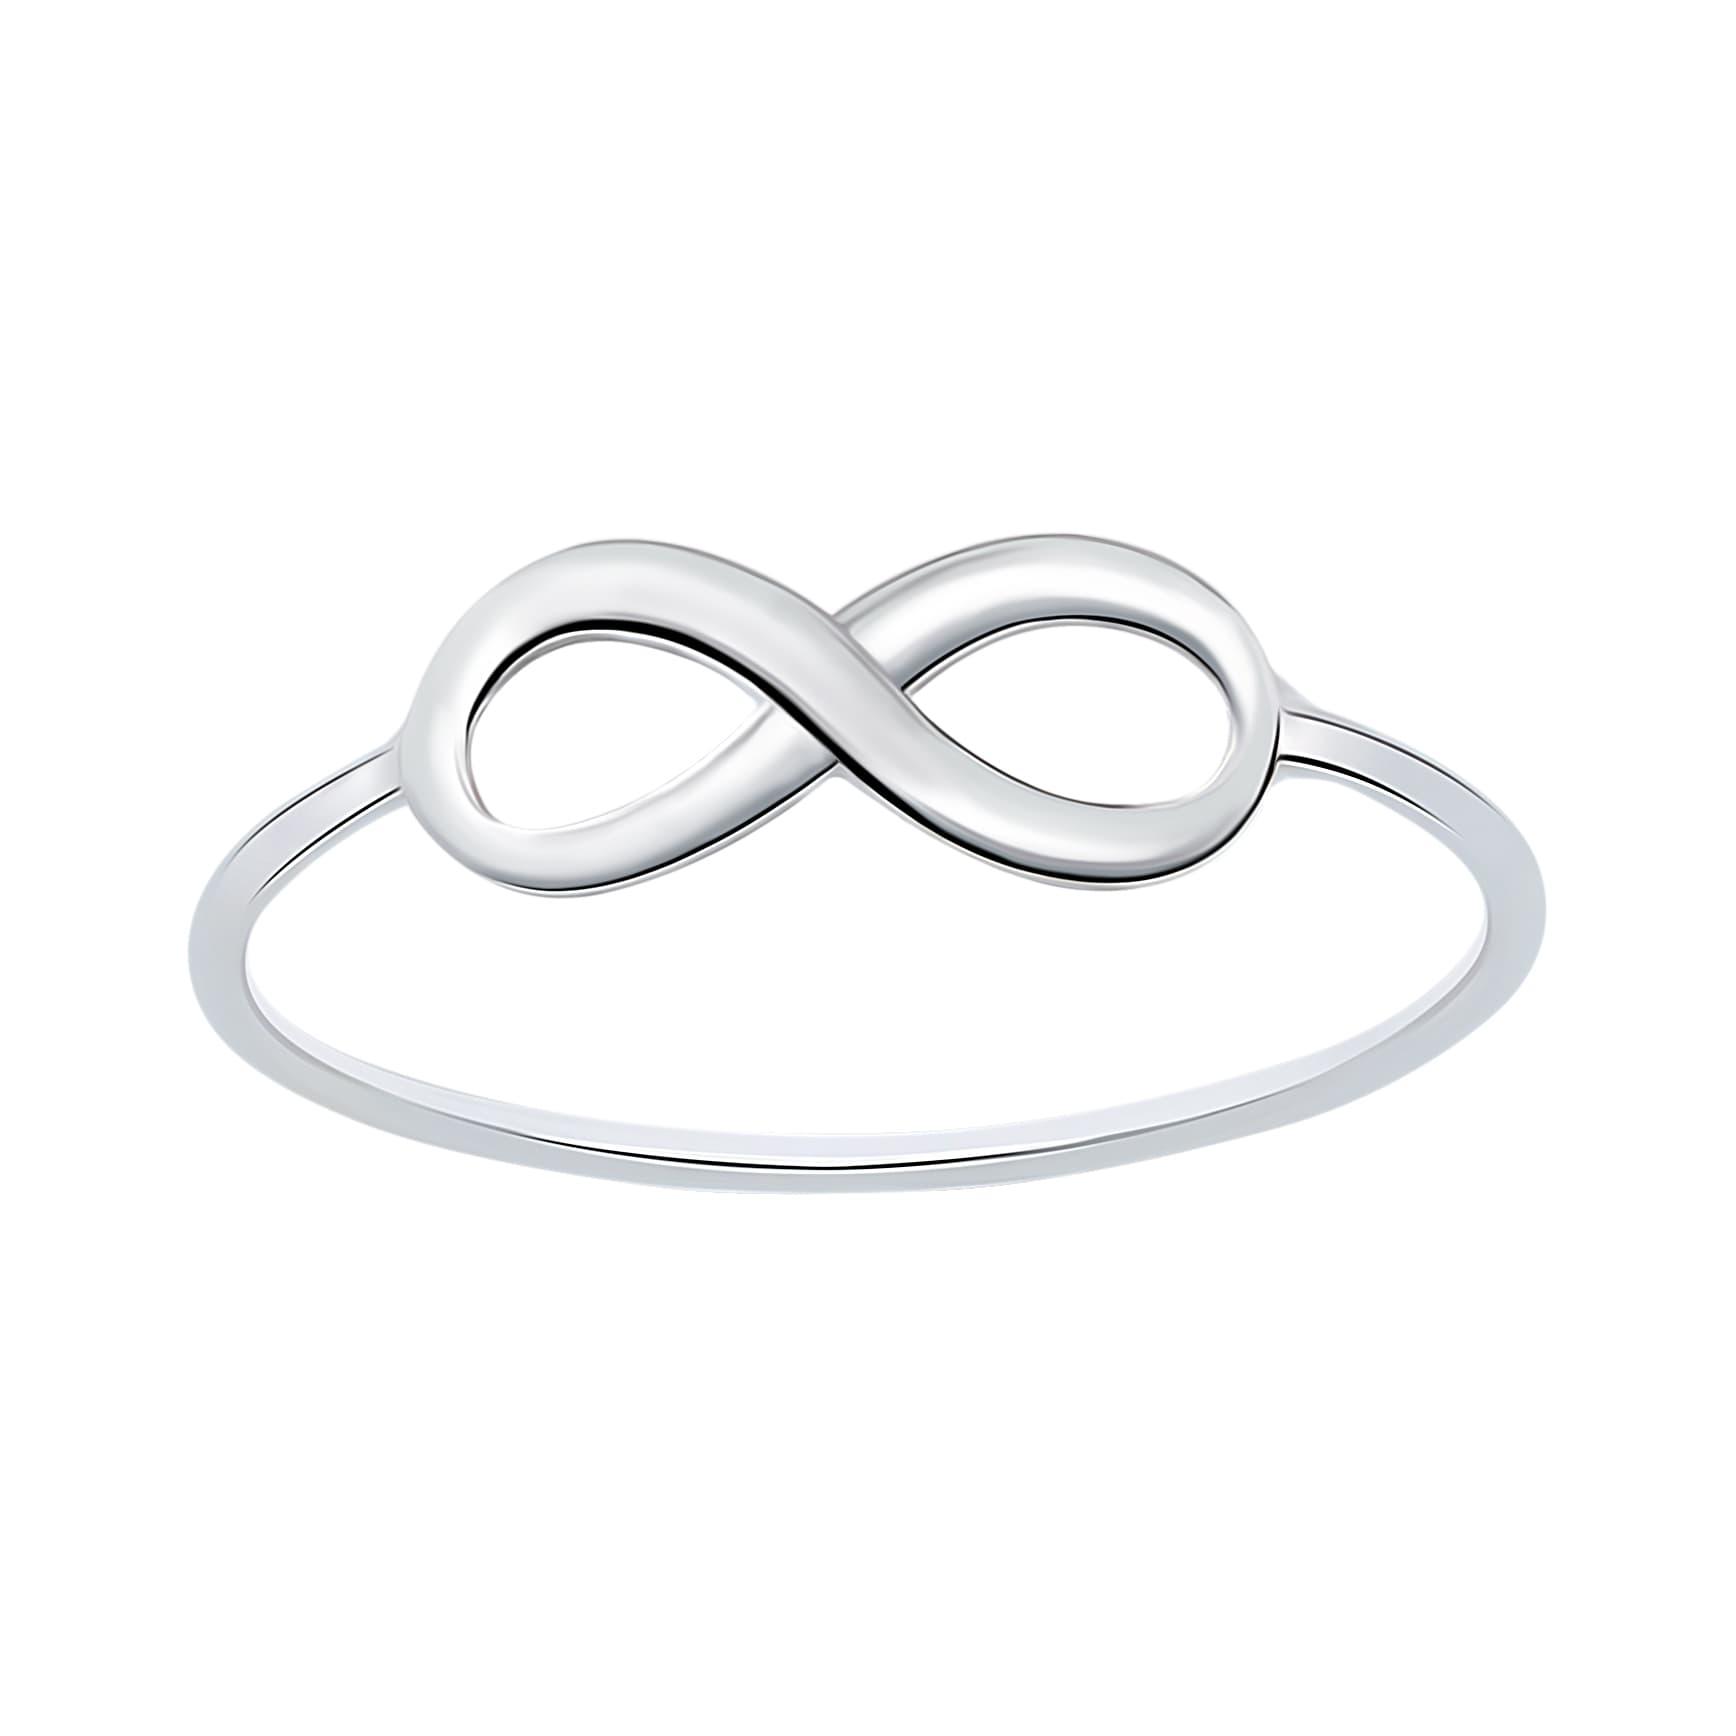 Zilveren ring met infinity symbool